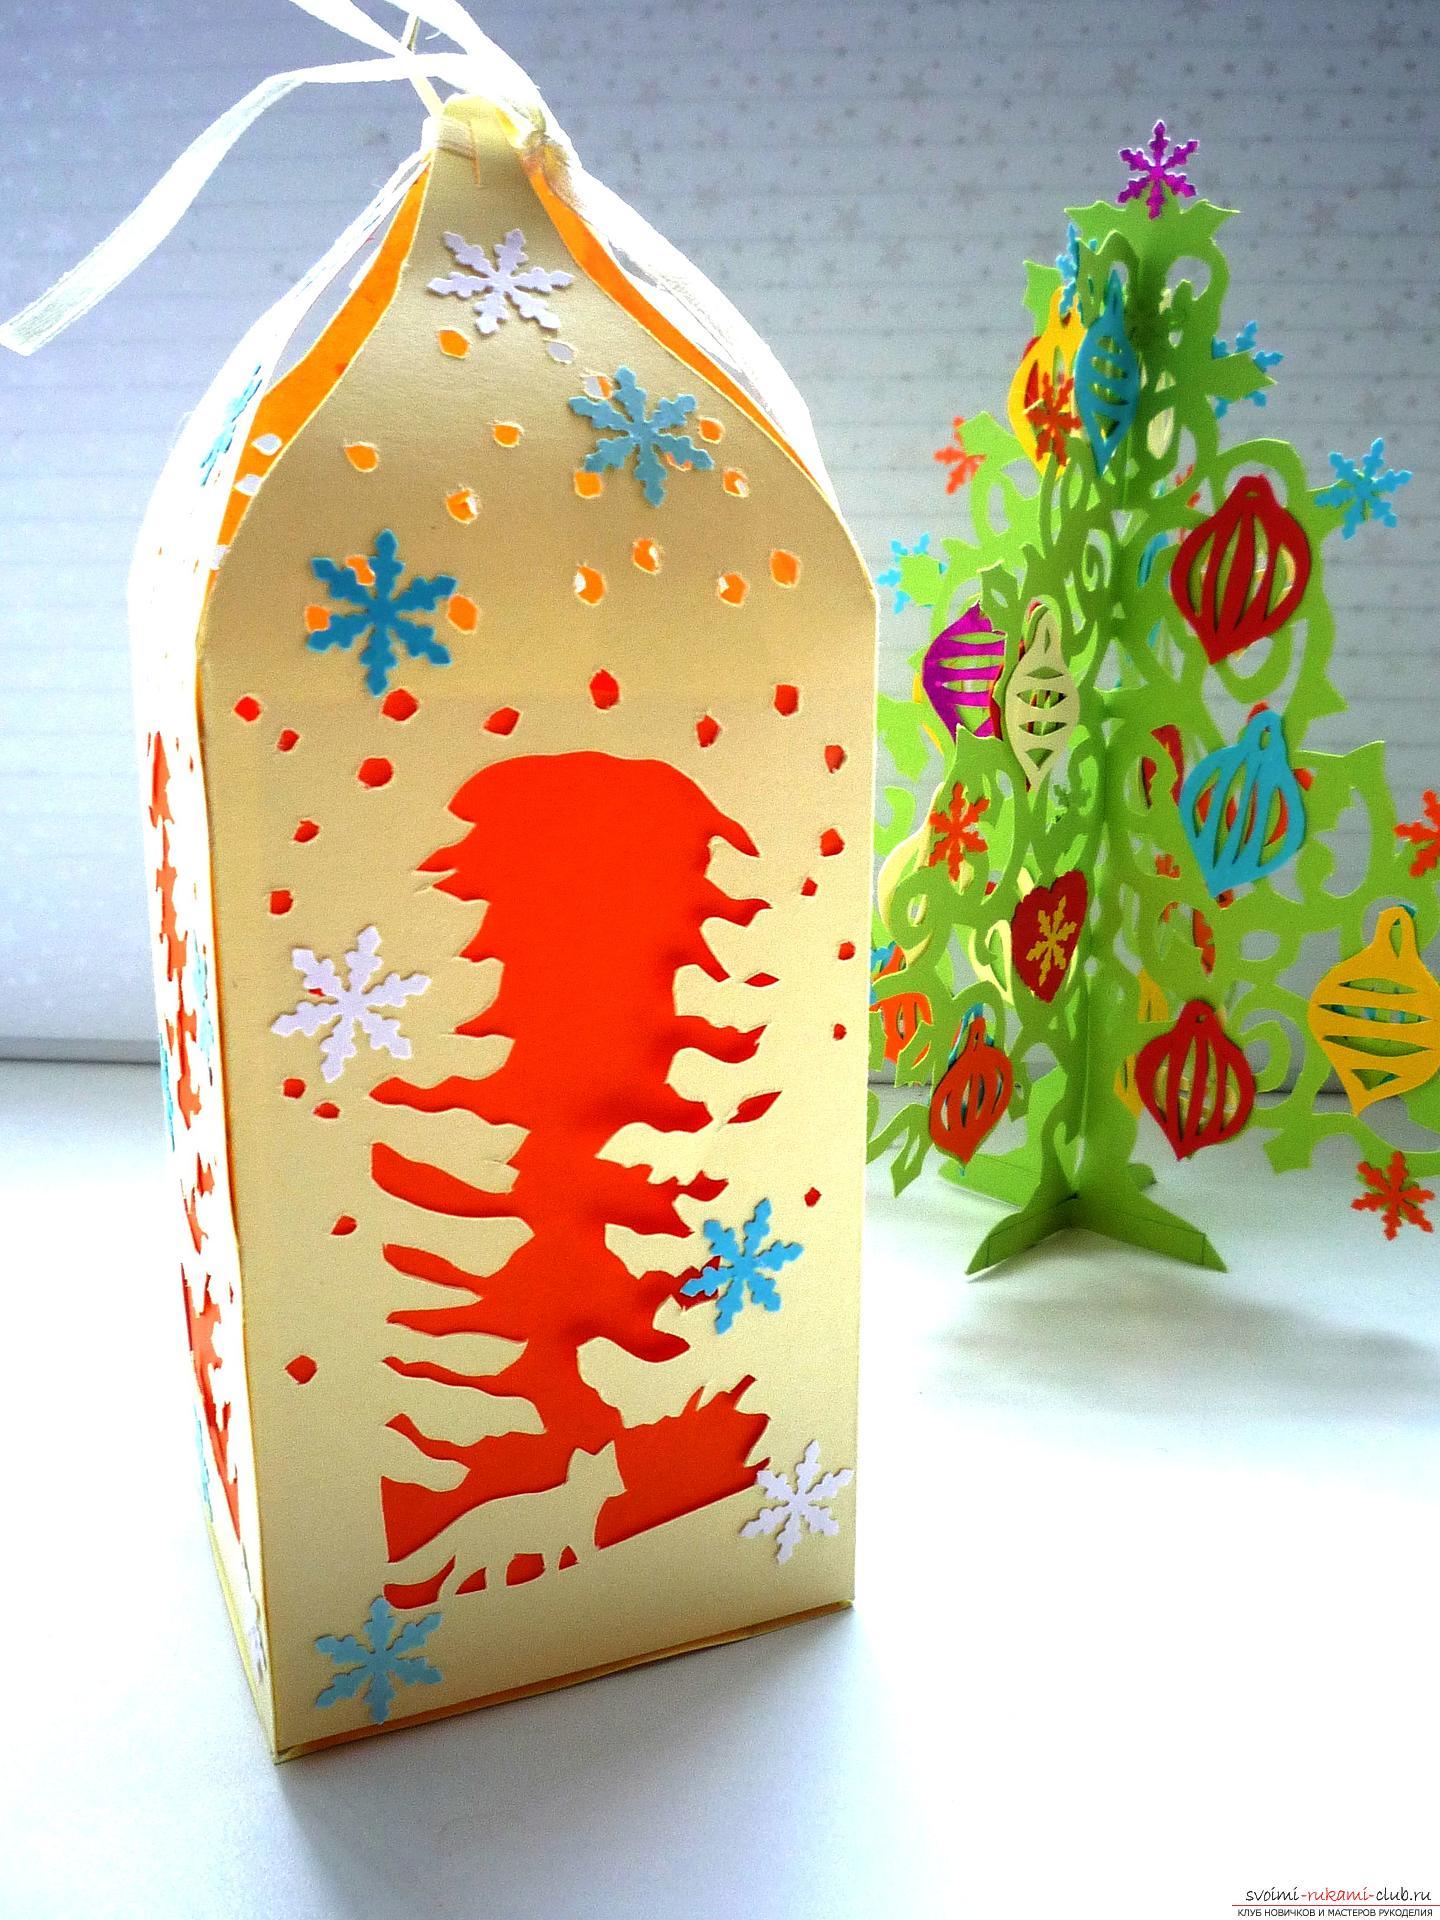 Мастер-класс научит как сделать новогоднюю поделку - коробку для сладкого подарка